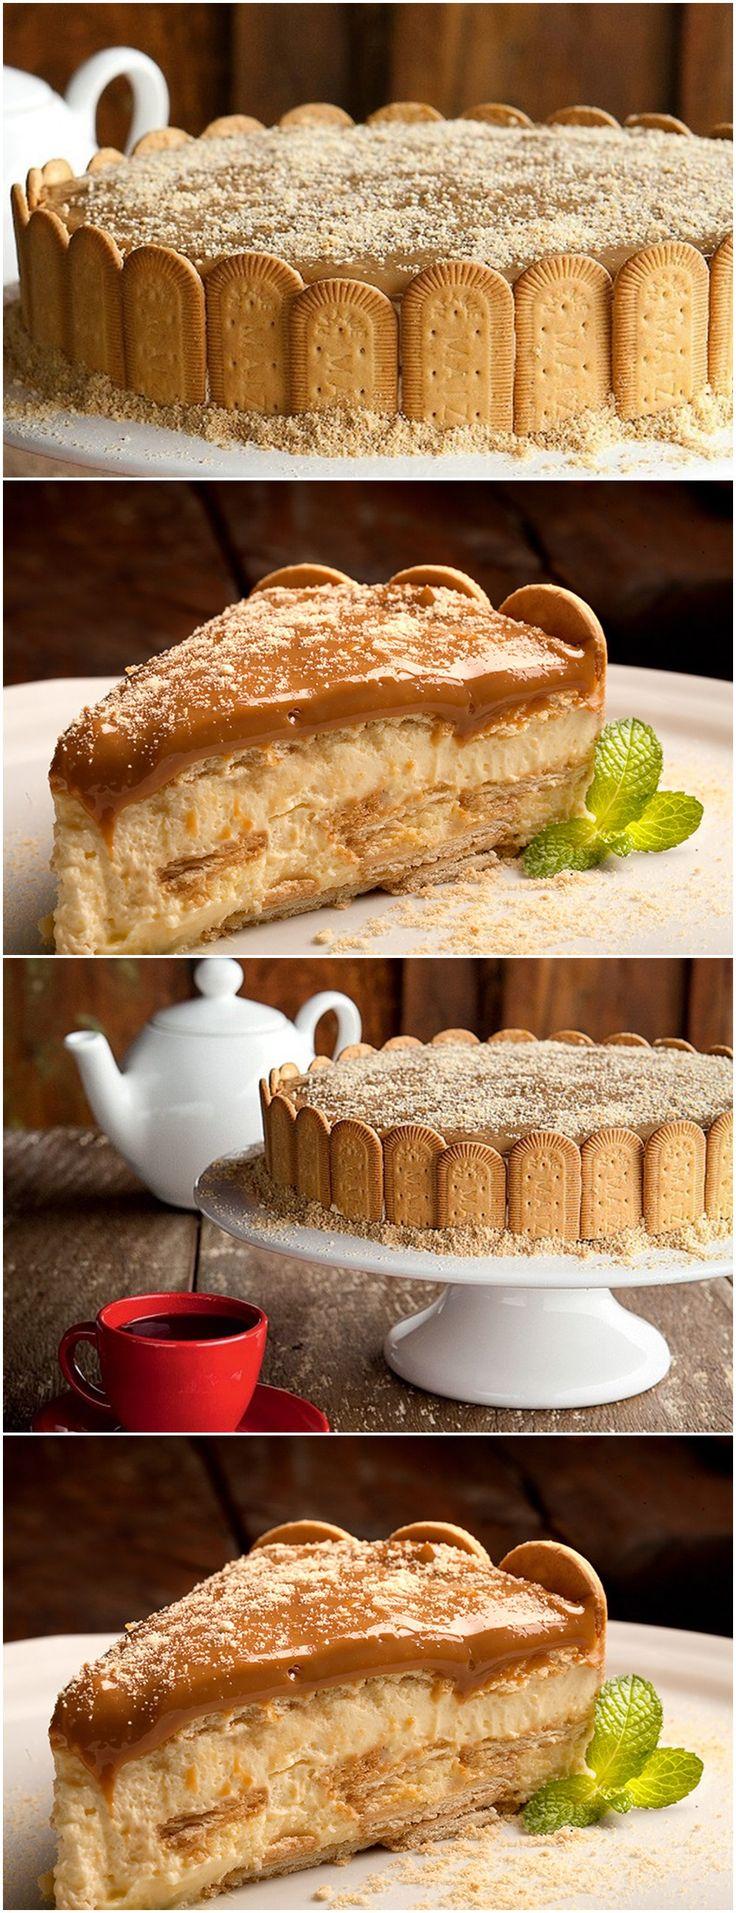 Diferente Porem Muito bom O Charlotte de Doce de Leite; Veja Aqui >>> Bata o açúcar com as gemas e a manteiga. Acrescente o creme de leite e bata até que se obtenha um creme liso e homogêneo. Reserve.   #receita#bolo#torta#doce#sobremesa#aniversario#pudim#mousse#pave#Cheesecake#chocolate#confeitaria